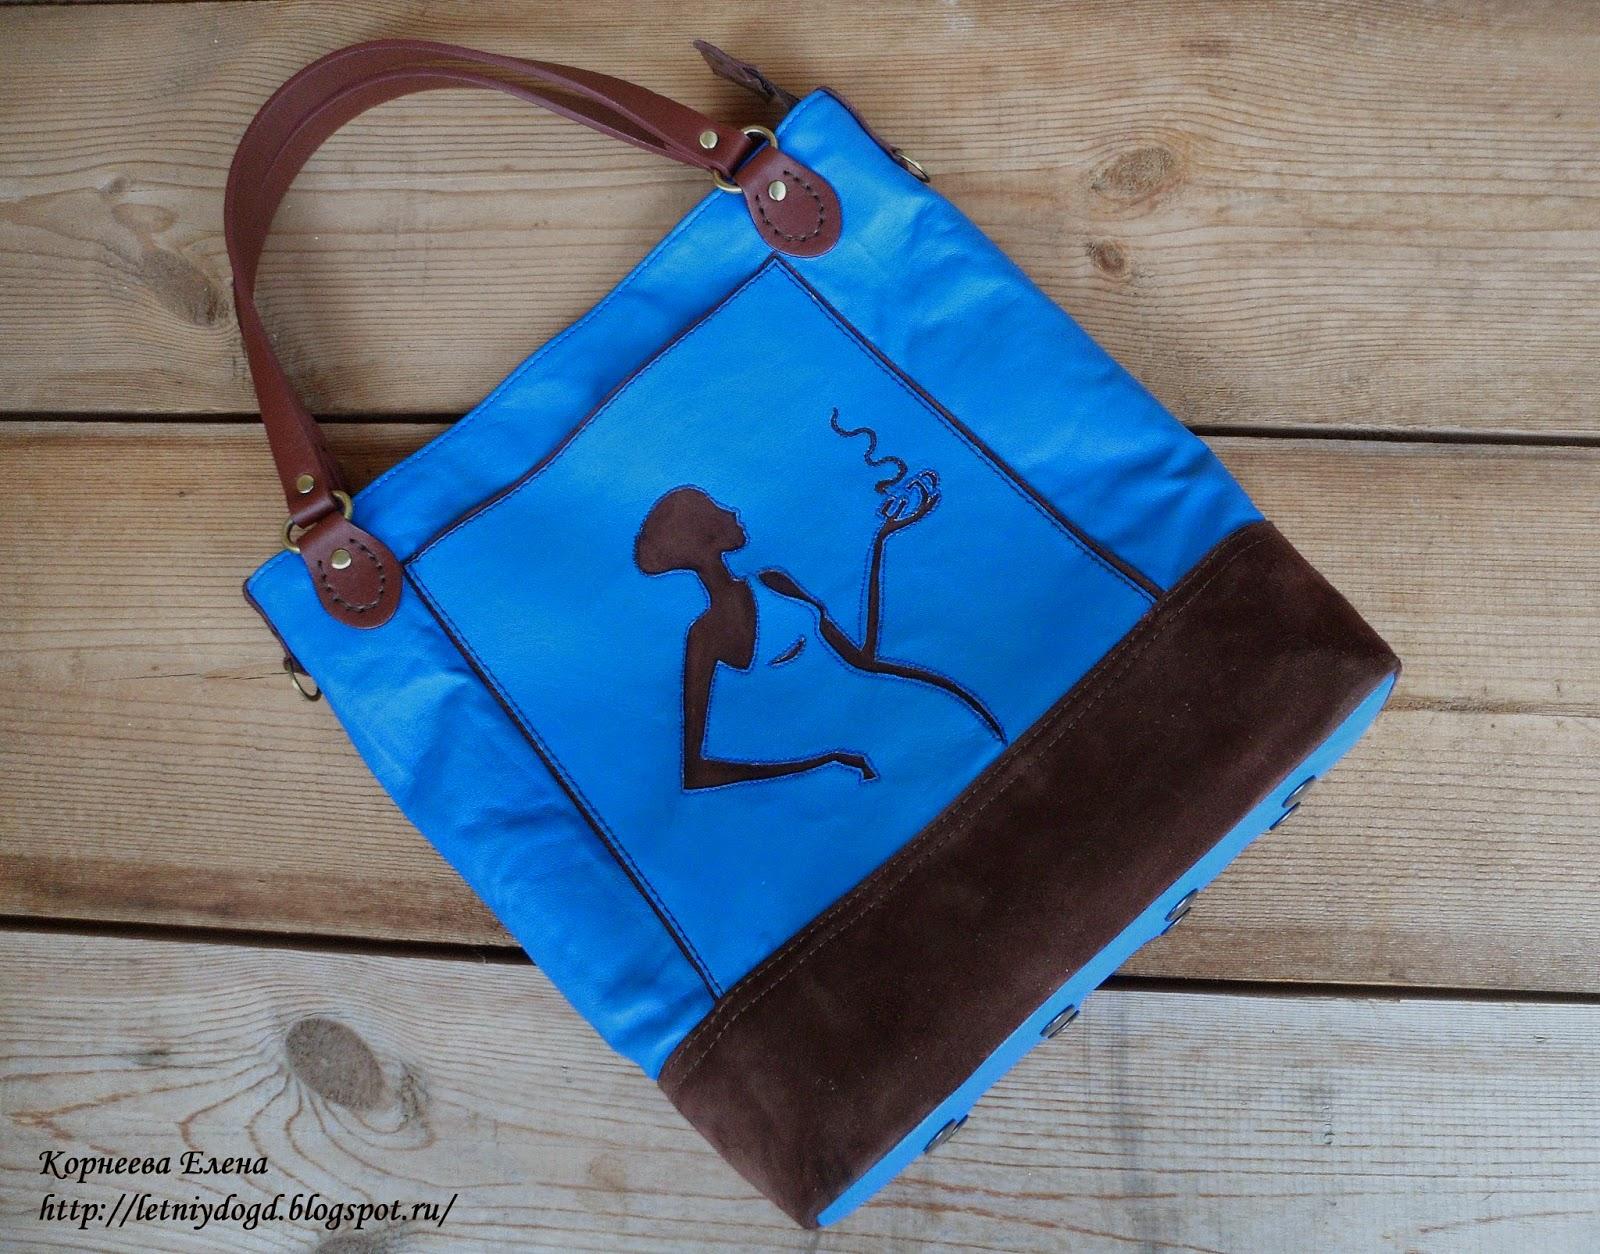 сумка синяя с шоколадным кожаная